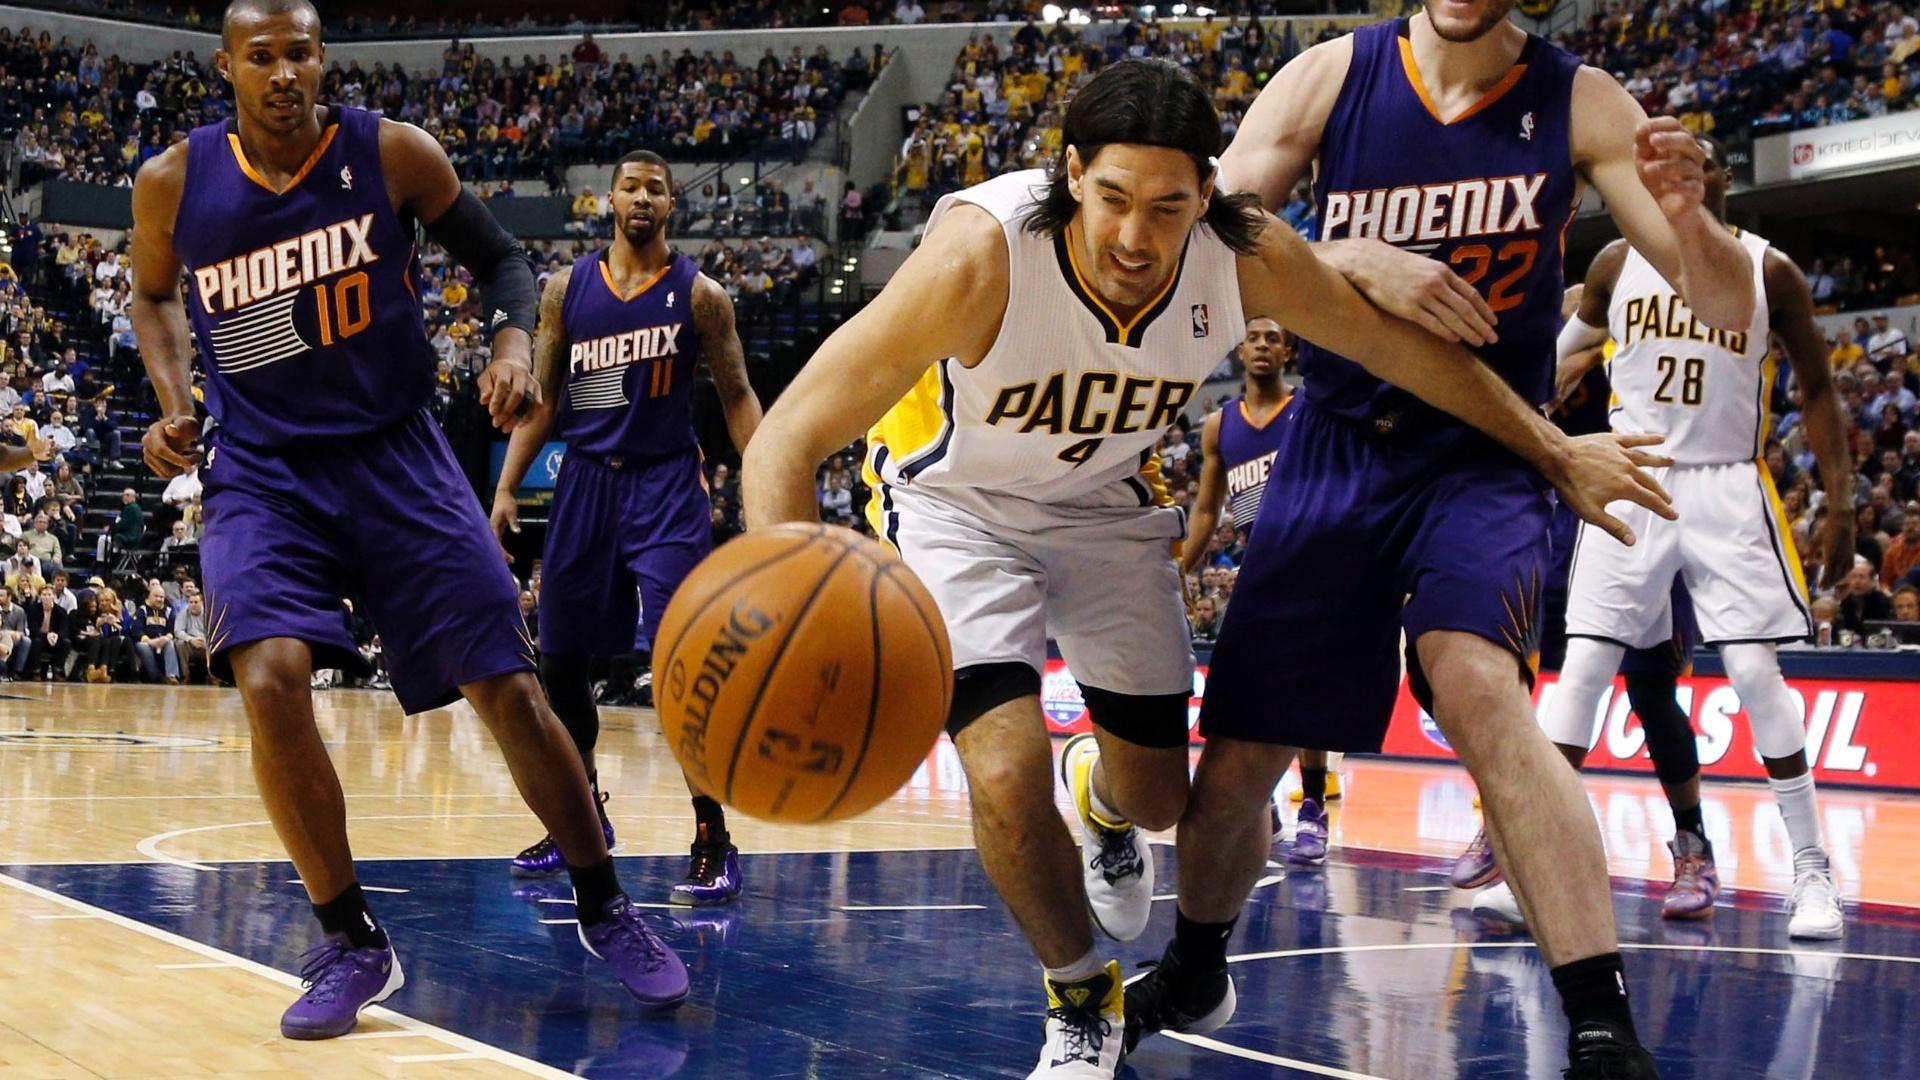 31.01.2014 - O Phoenix Suns, time do ala-armador brasileiro Leandrinho Barbosa, venceu pela segunda vez em uma semana o Indiana Pacers, desta vez fora de casa por 102 a 94